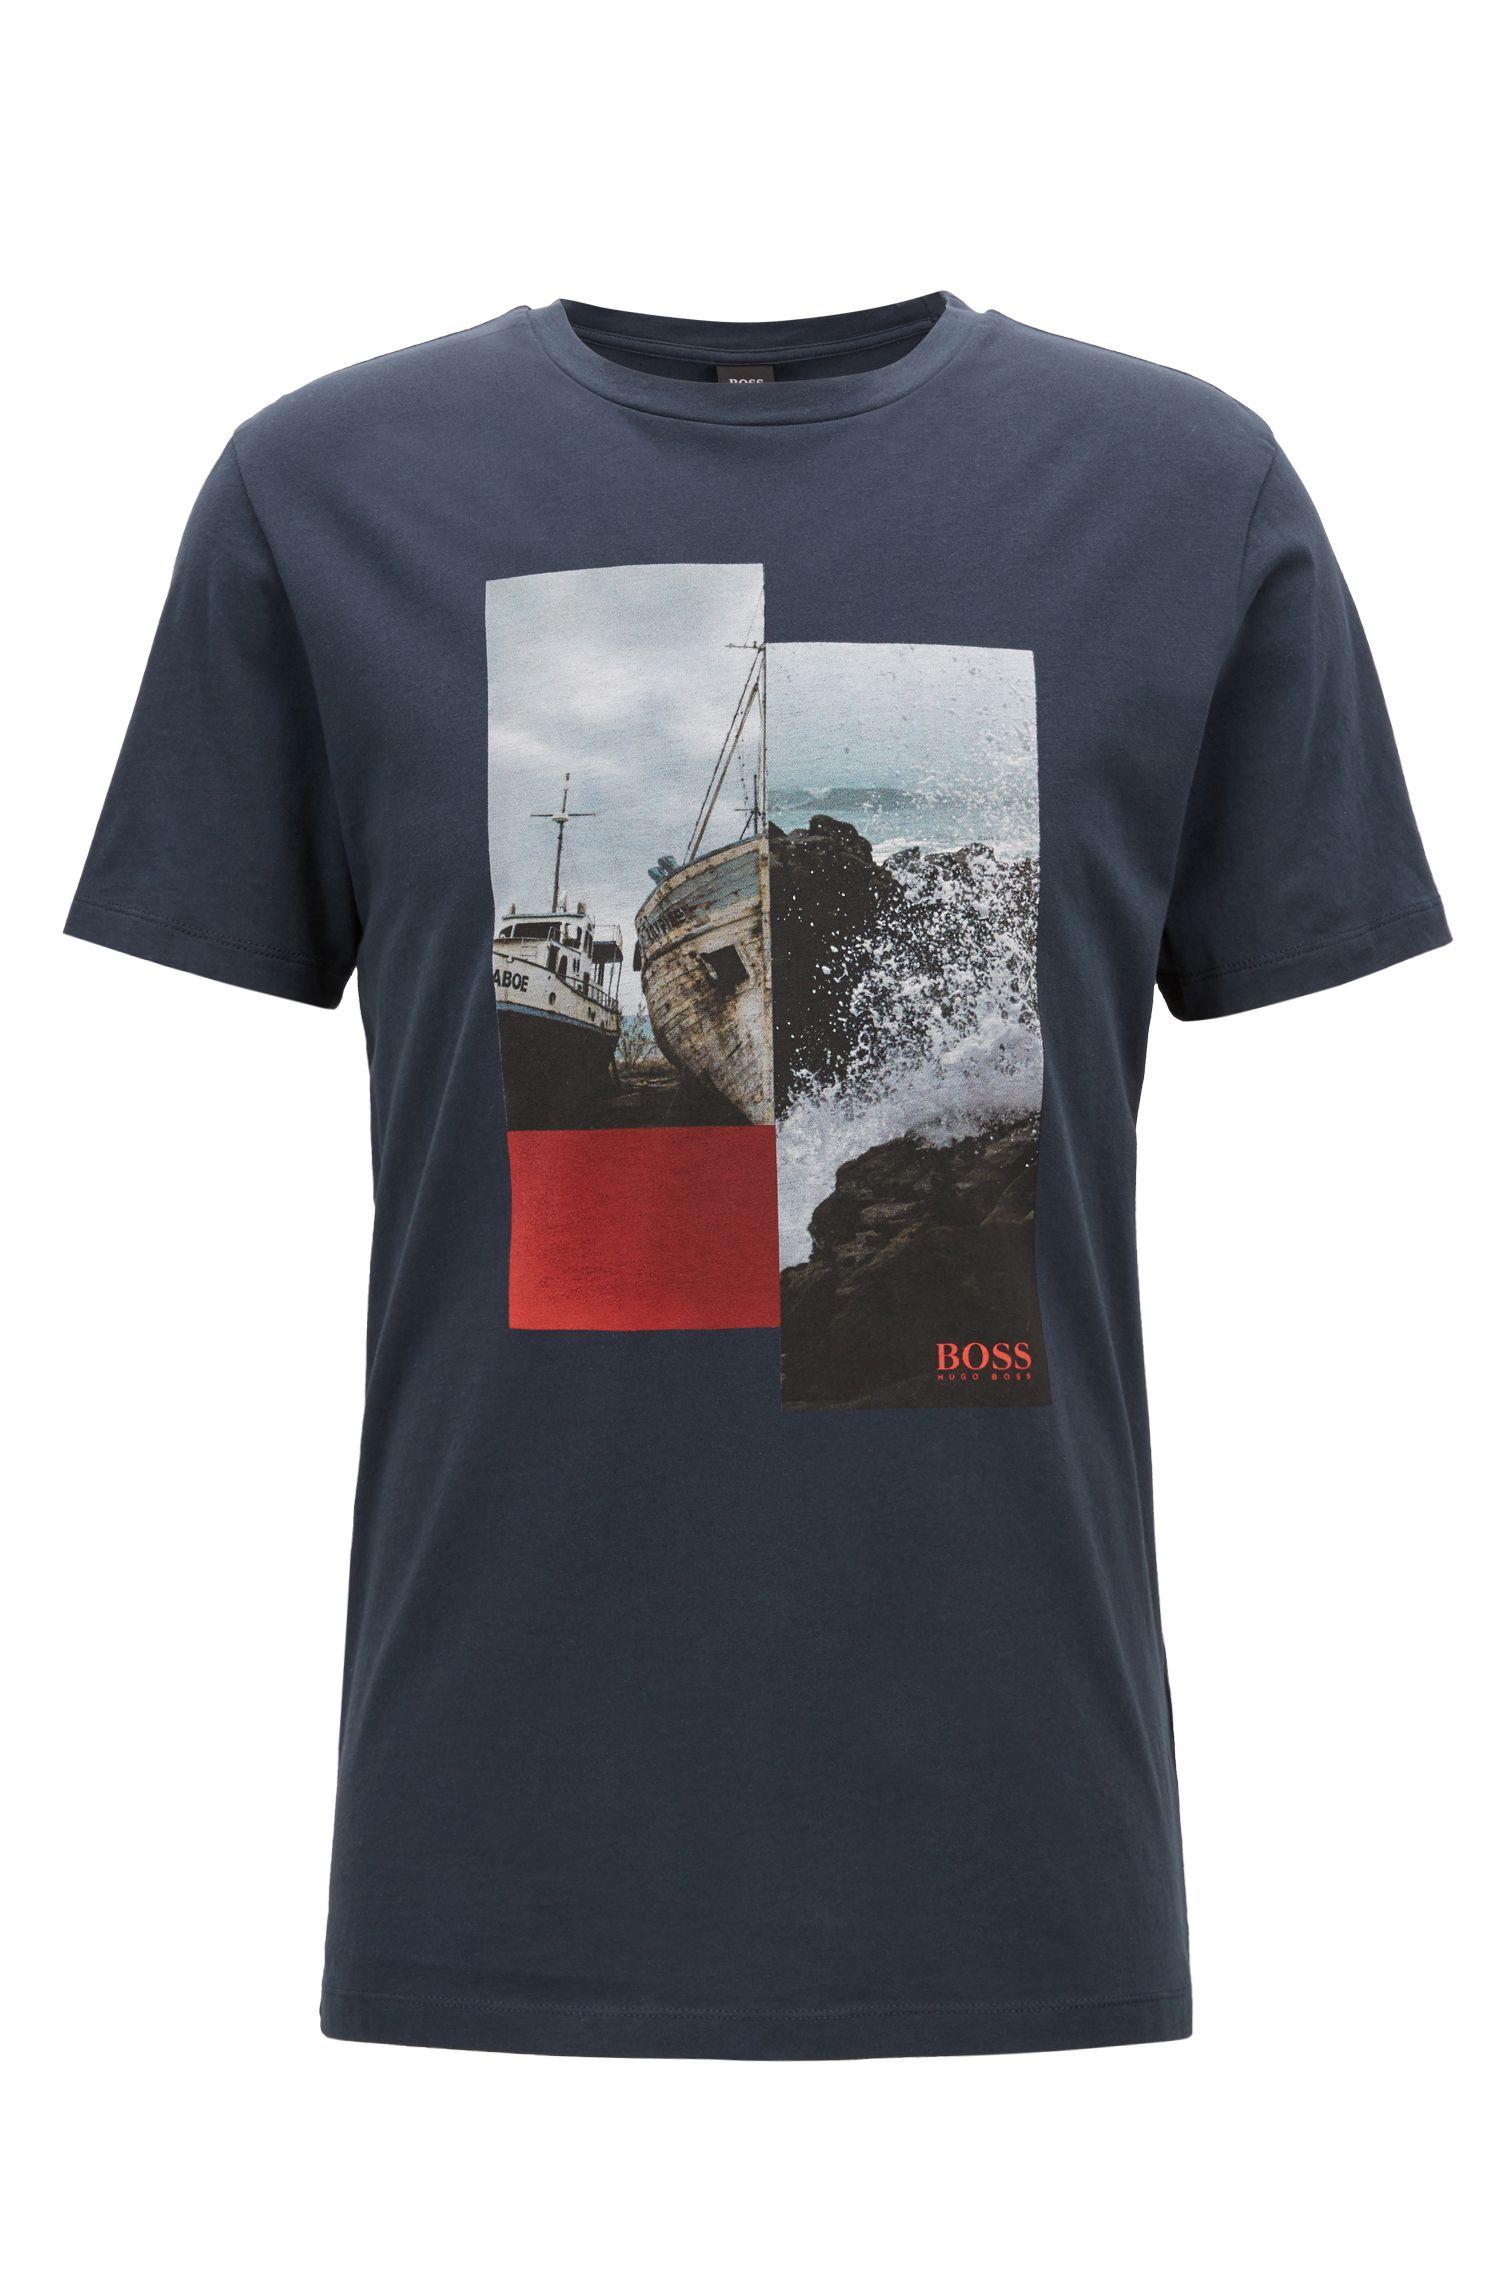 Camiseta de algodón con cuello redondo y estampado fotográfico